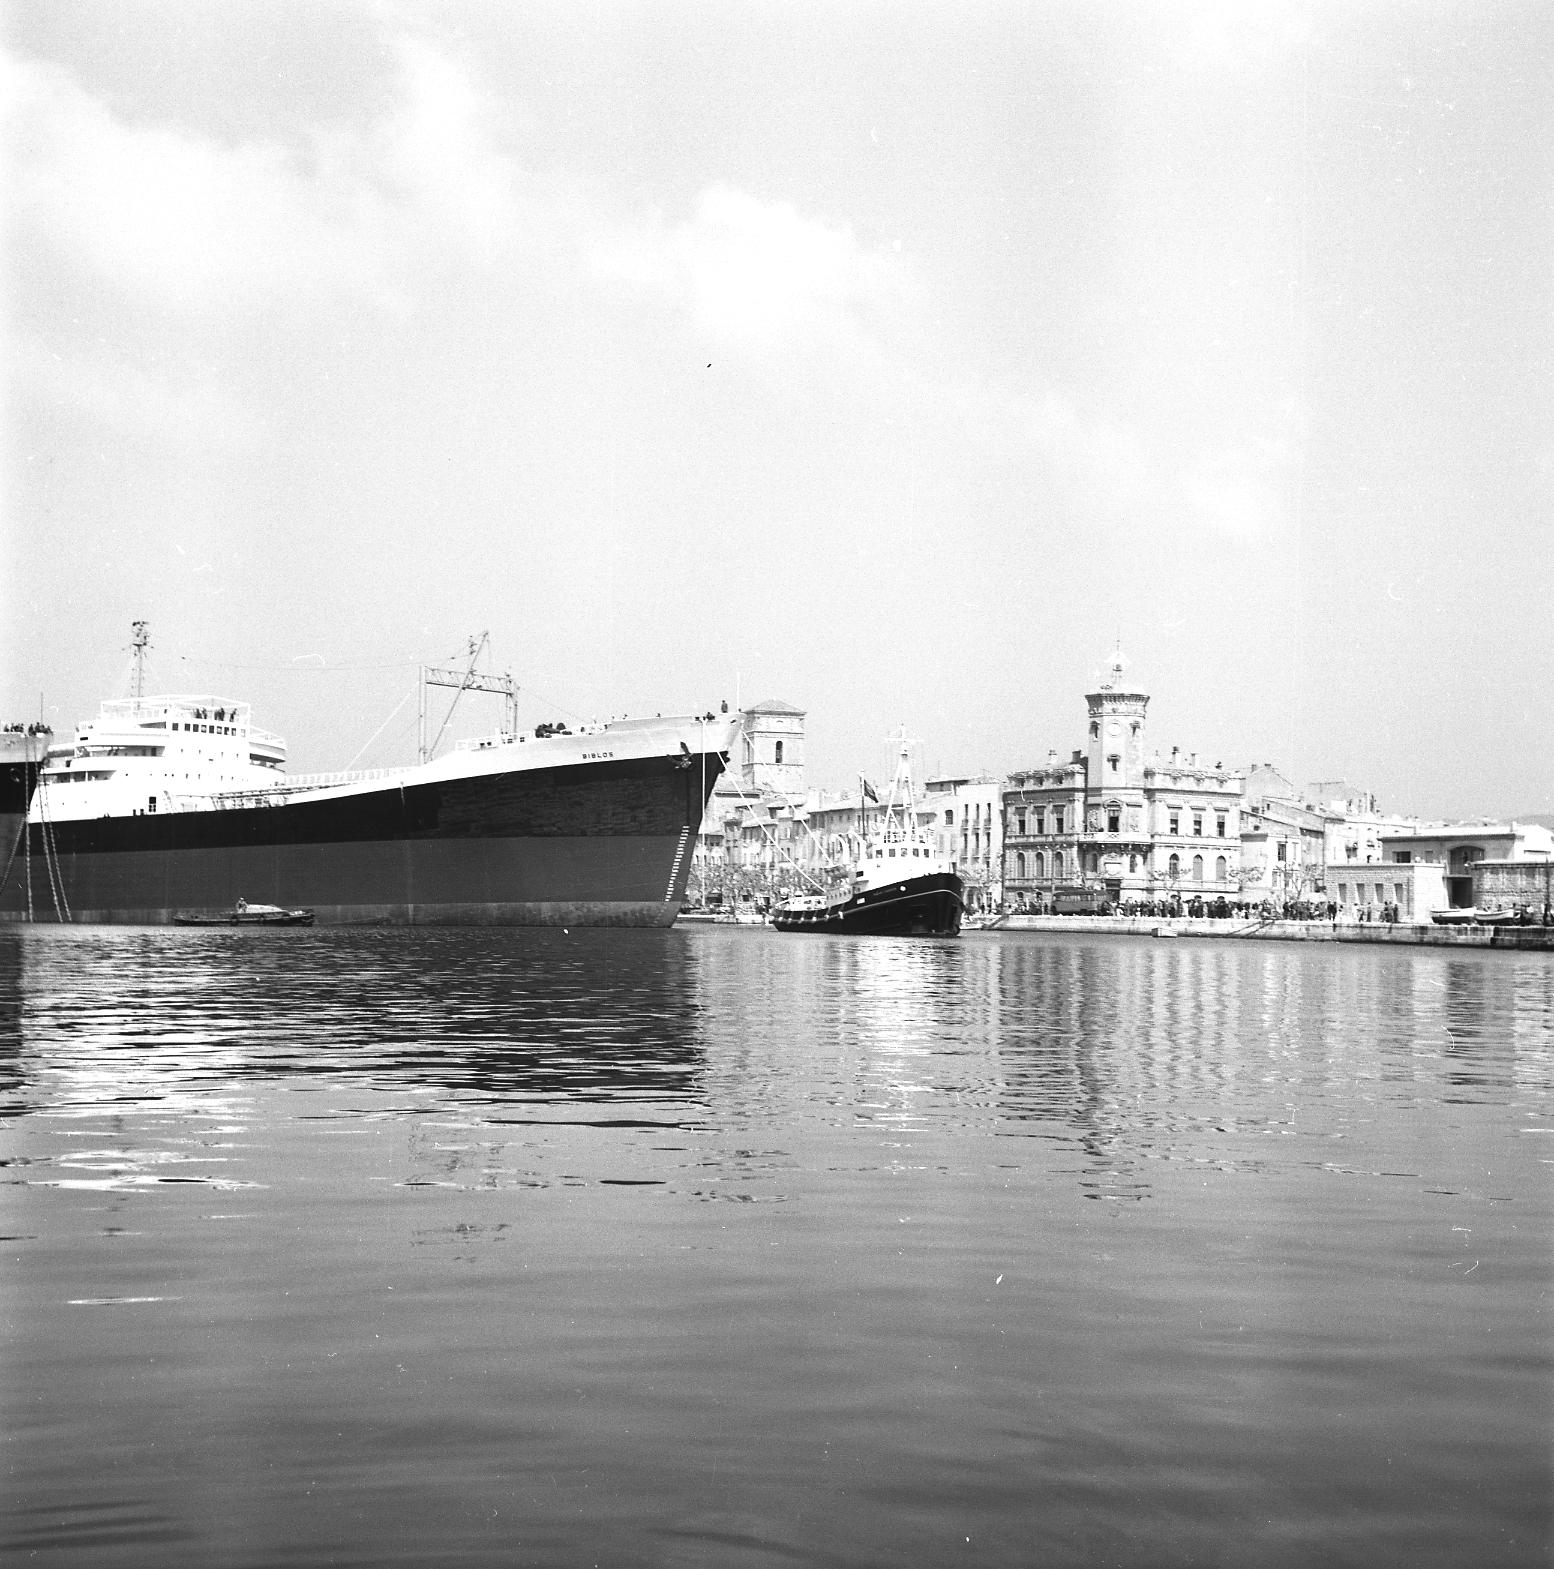 27Fi 1860 Sortie du pétrolier Biblos pour des essais en mer, peu avant sa livraison à la CNP (Compagnie Navale des Pétroles). 24/04/1955